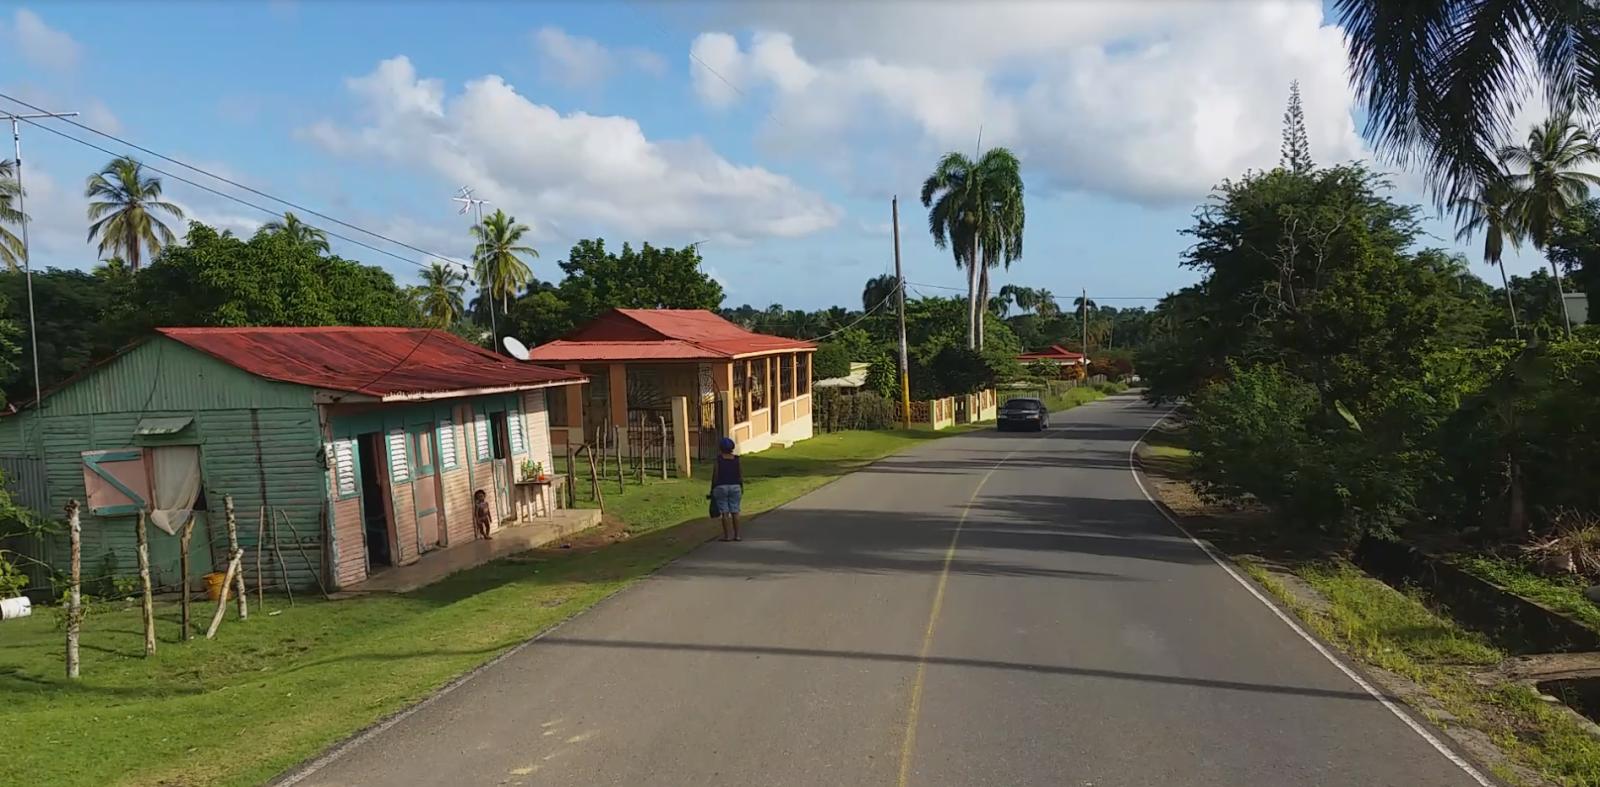 Codzienne życie Dominikańczyków Kolorowe domki i piękna zieleń